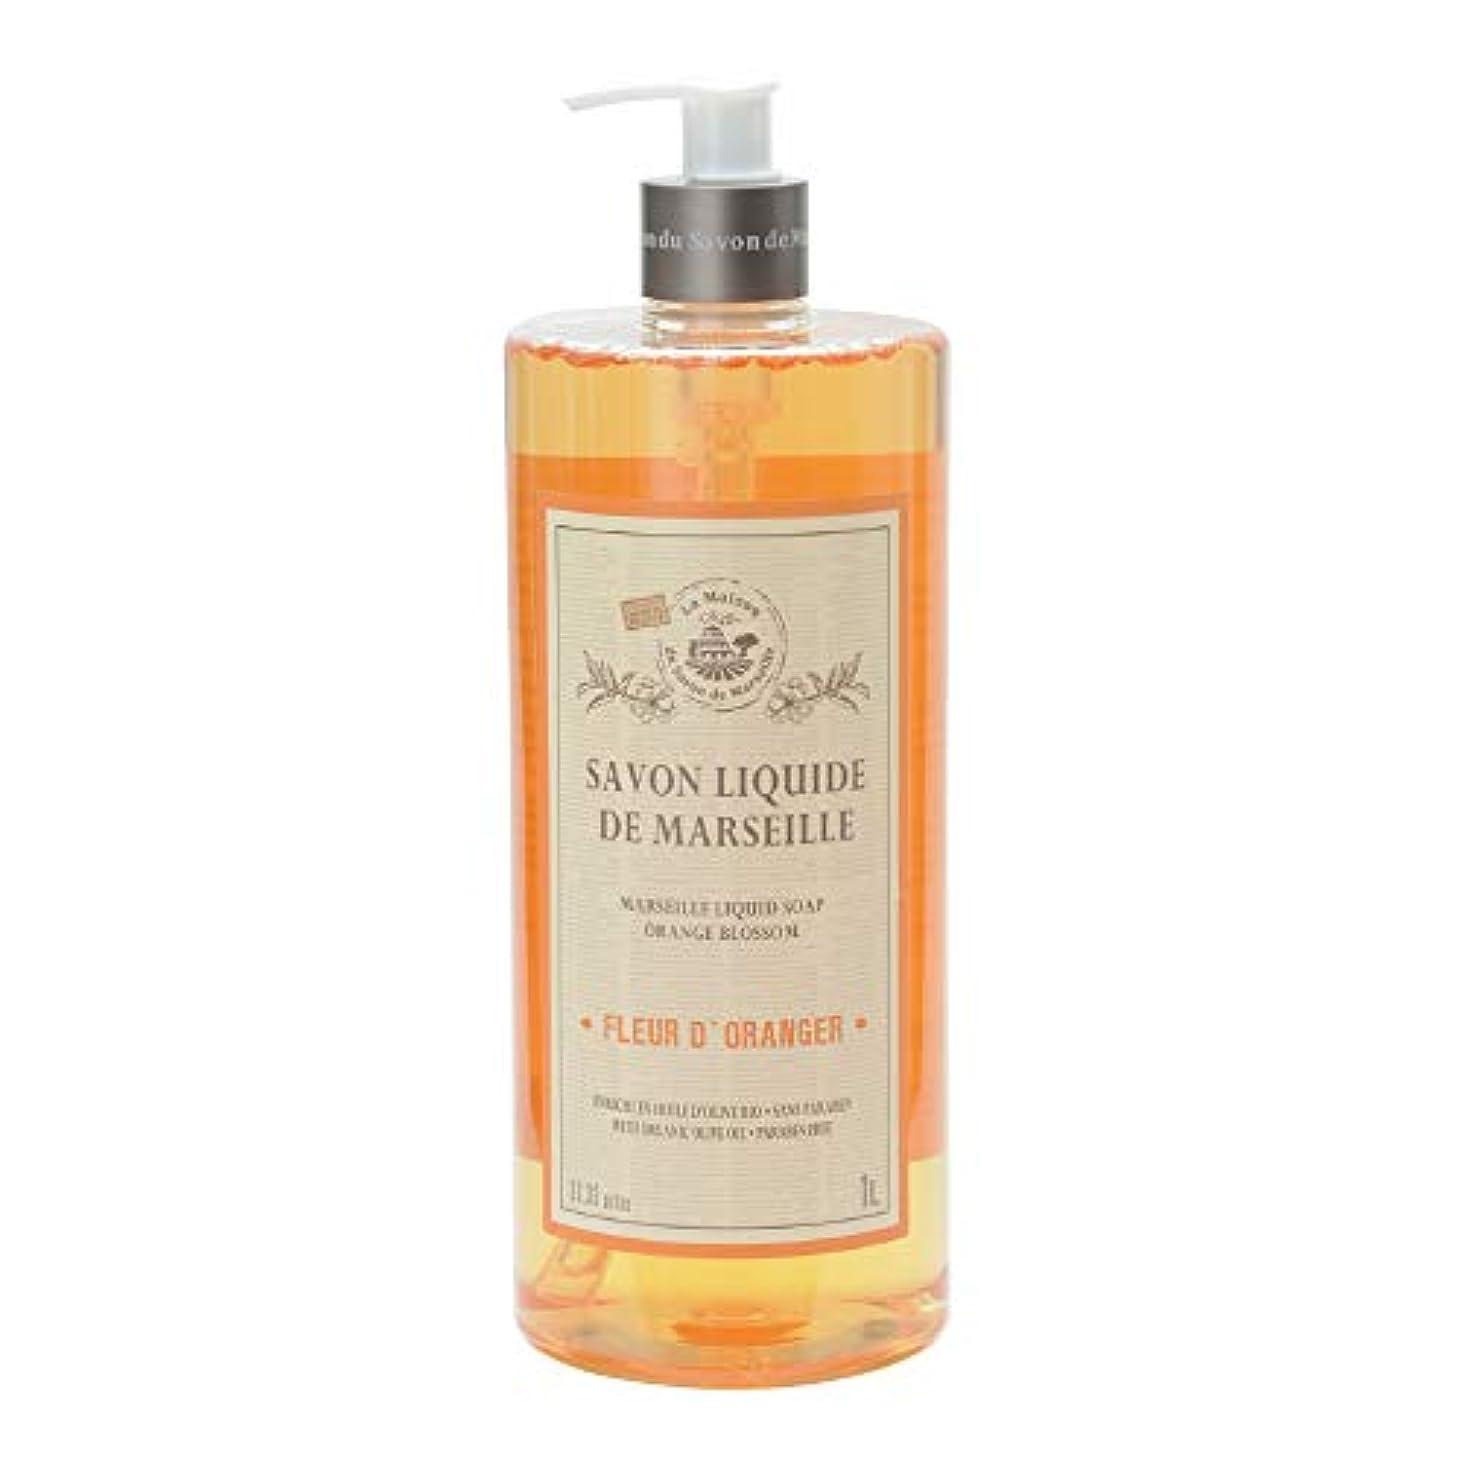 額法令フルーティーノルコーポレーション マルセイユ石鹸 リキッドソープ 1L オレンジの香り MLL-2-3